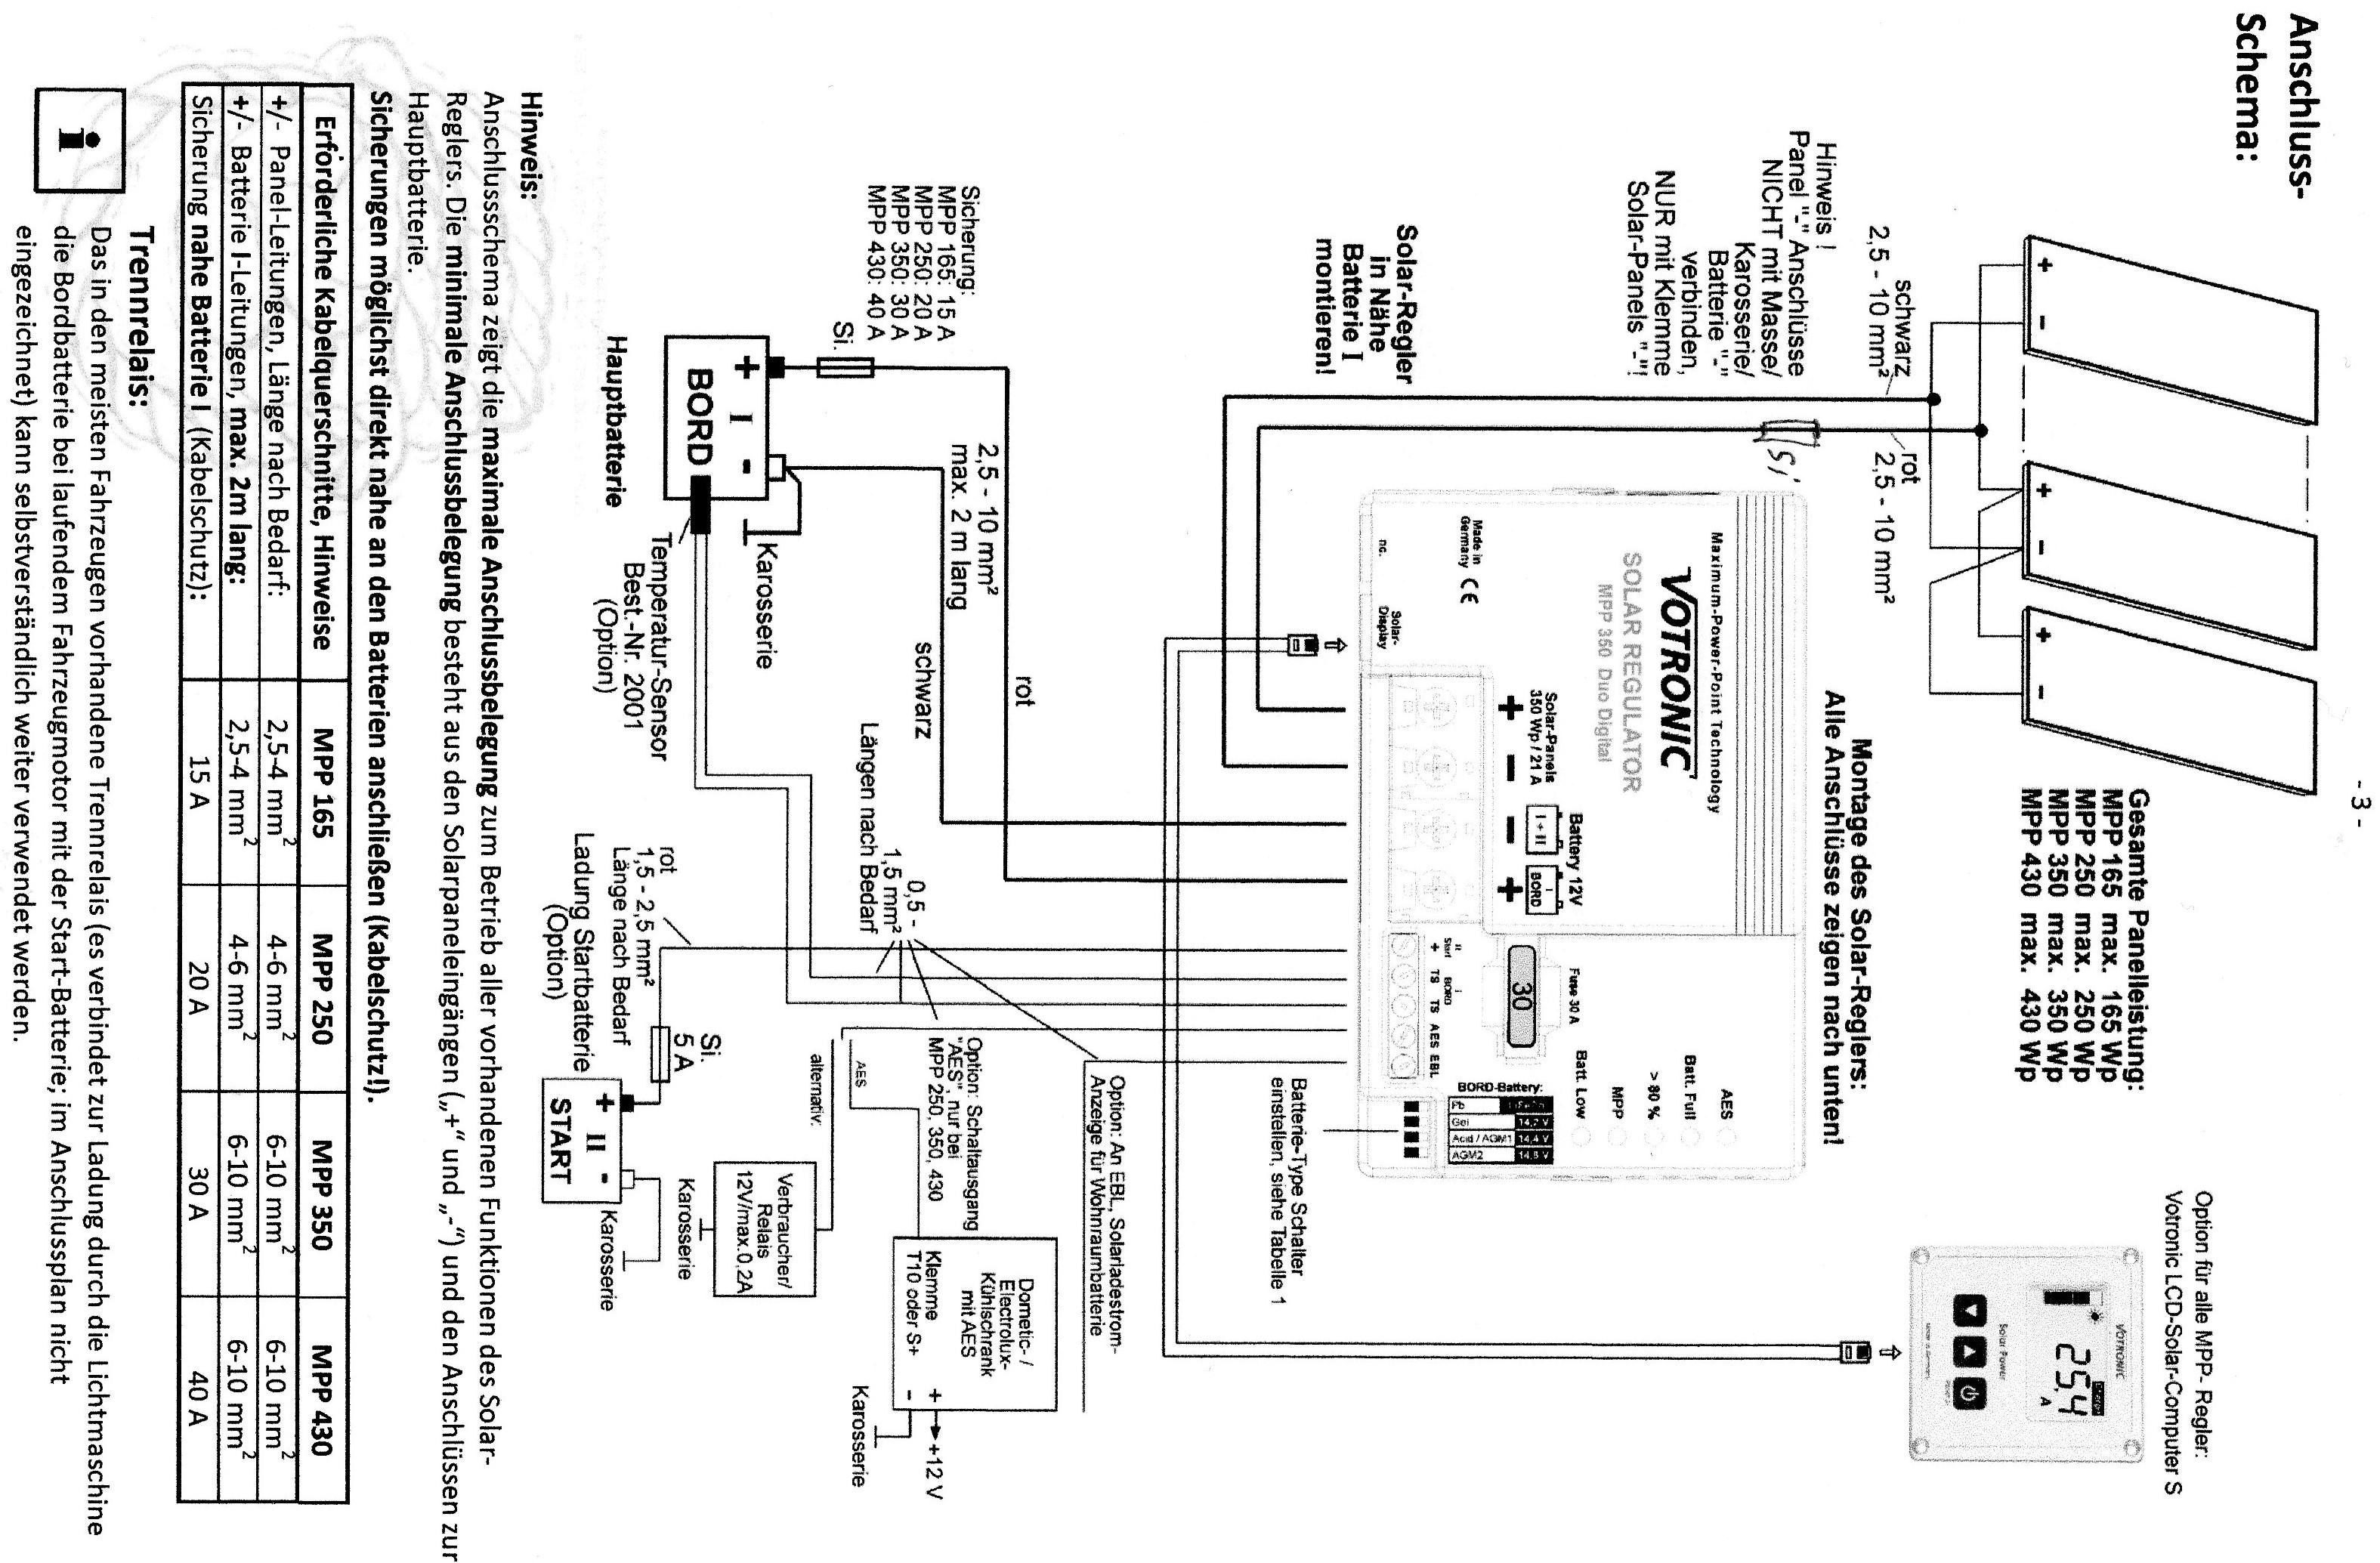 Lunar Caravan Wiring Diagram Trusted Diagrams Sprite Touring 2015 Caravans Eriba